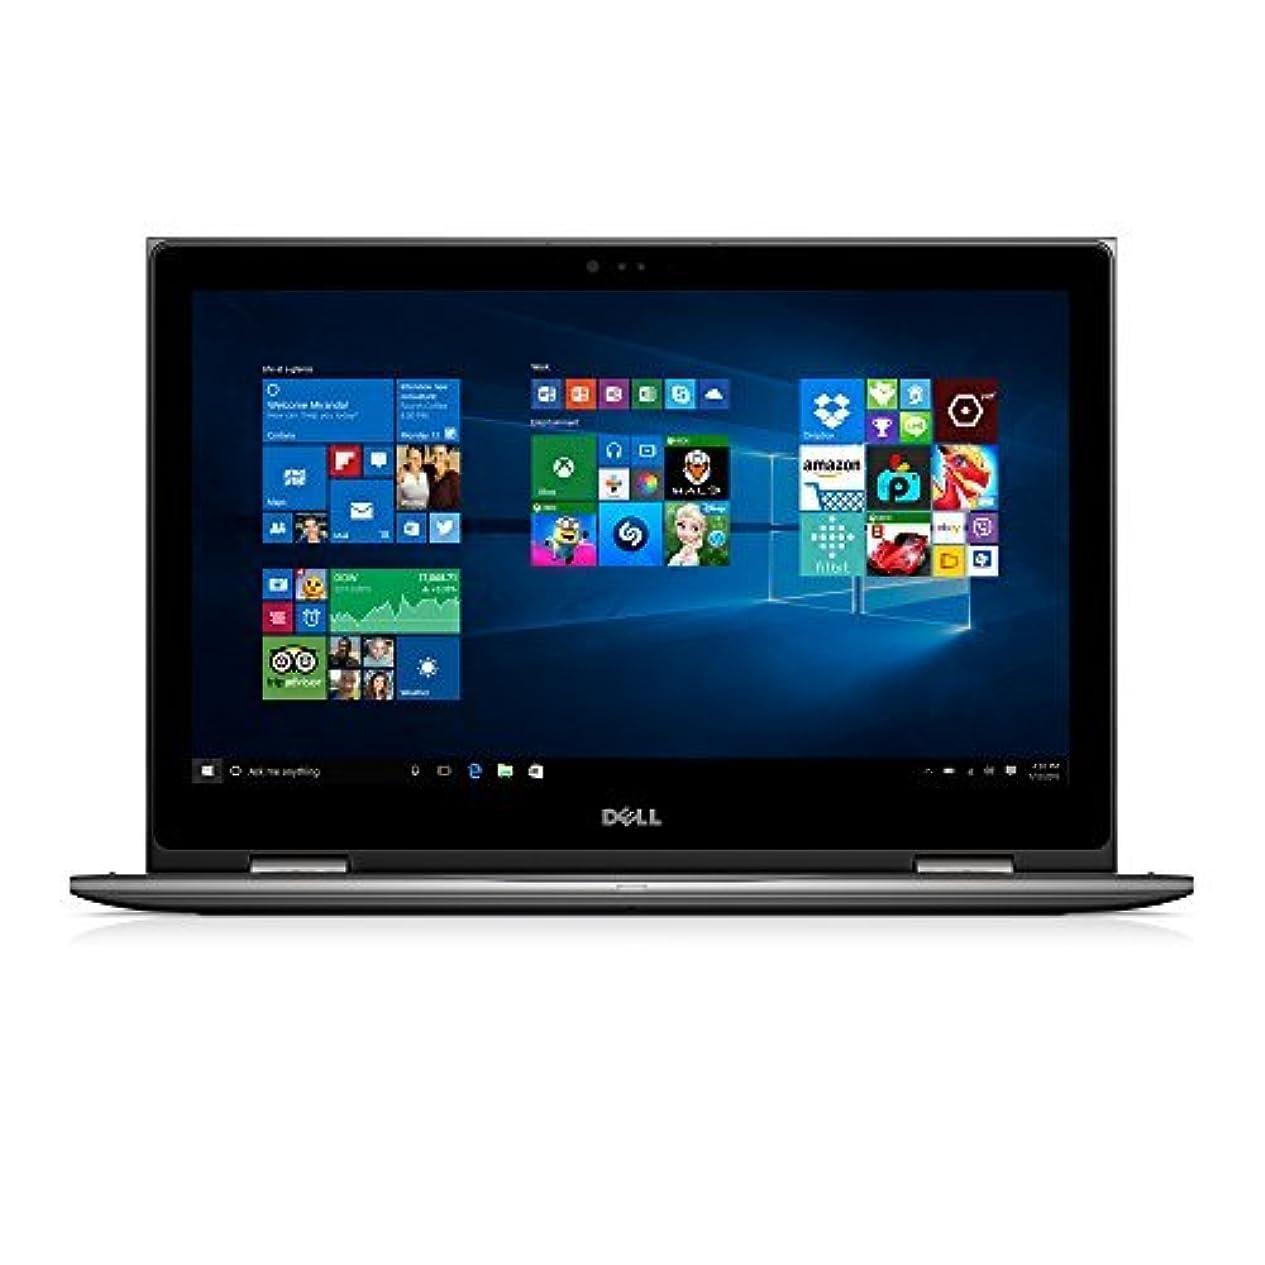 野な石油緩やかなDell Inspiron 15 2-in-1 Laptop Intel Core i3 (up to 2.40 GHz) 4GB Ram 500GB HDD 15.6 Screen Gray (i5578-3093GRY-PUS) [並行輸入品]